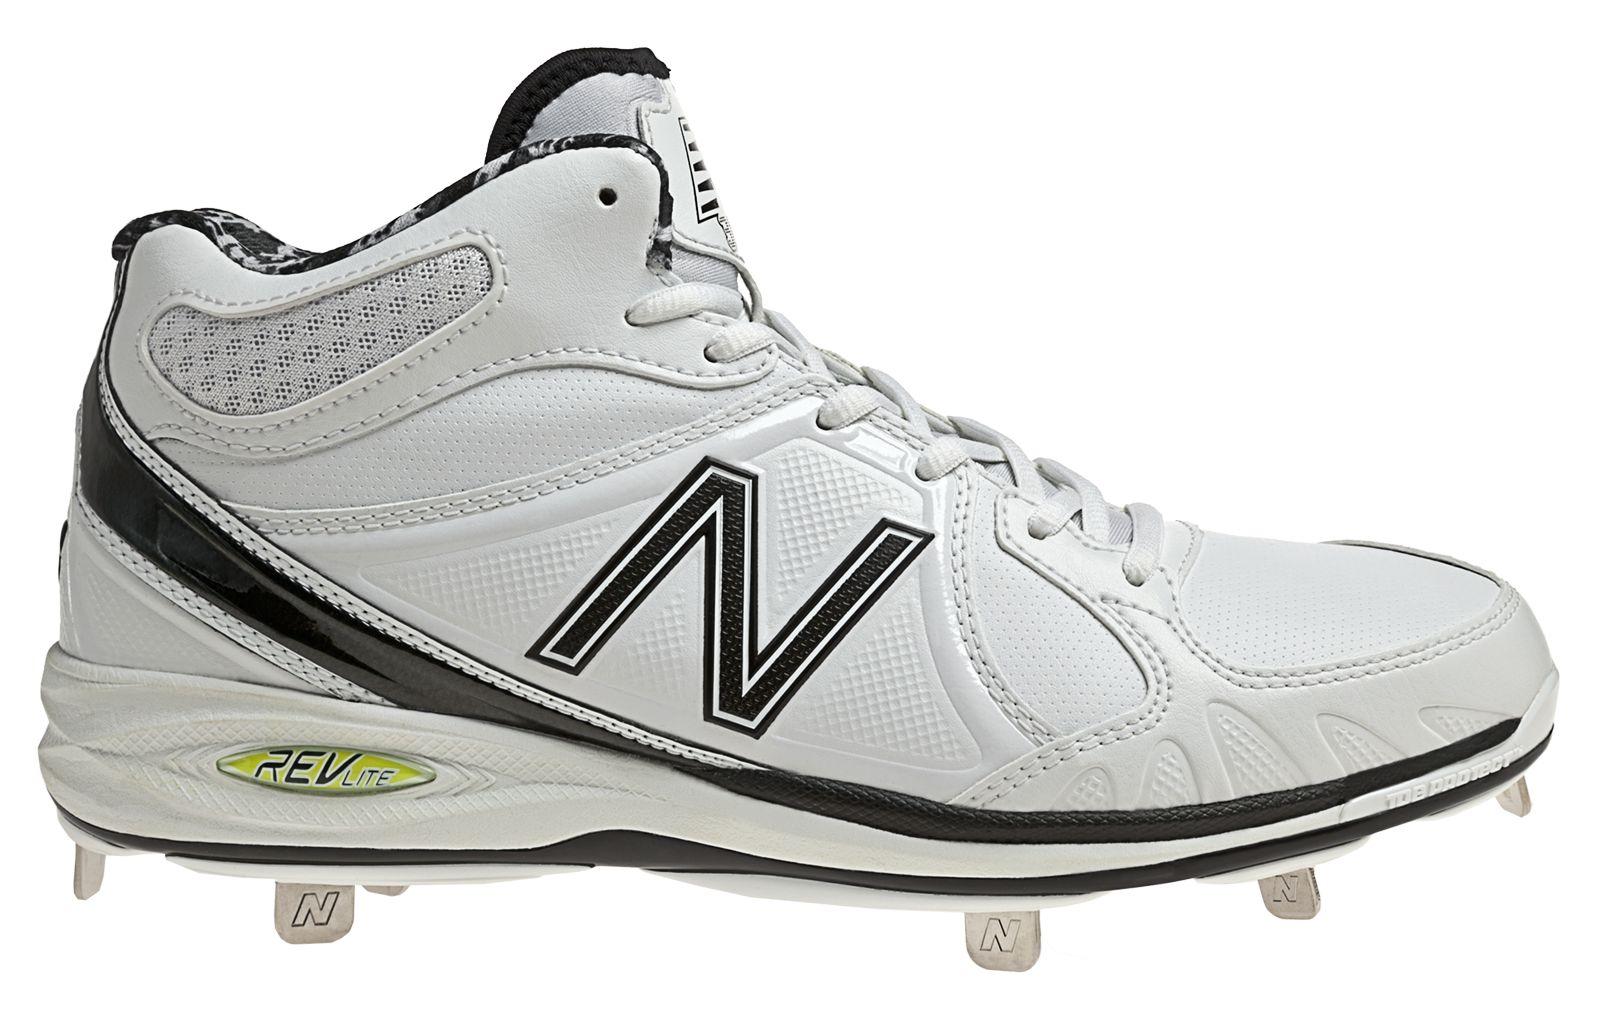 New Balance Baseball Cleats - USA